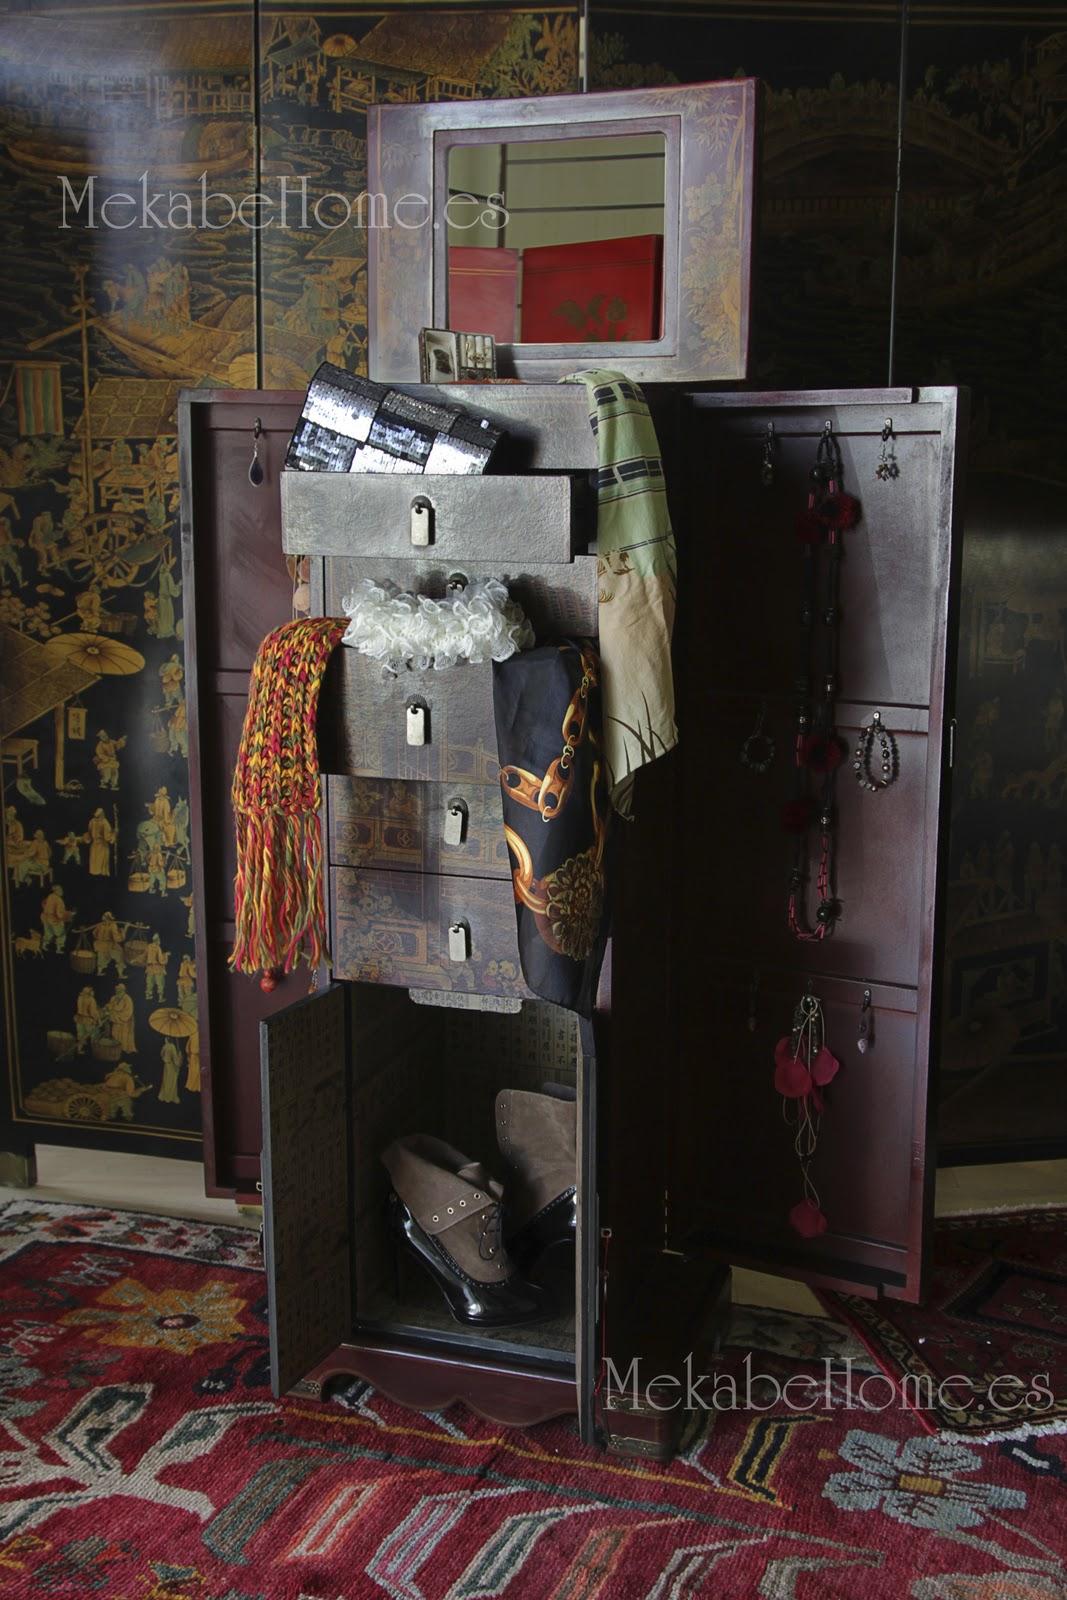 Muebles chinos en piel decorada mekabe home - Muebles decorados a mano ...